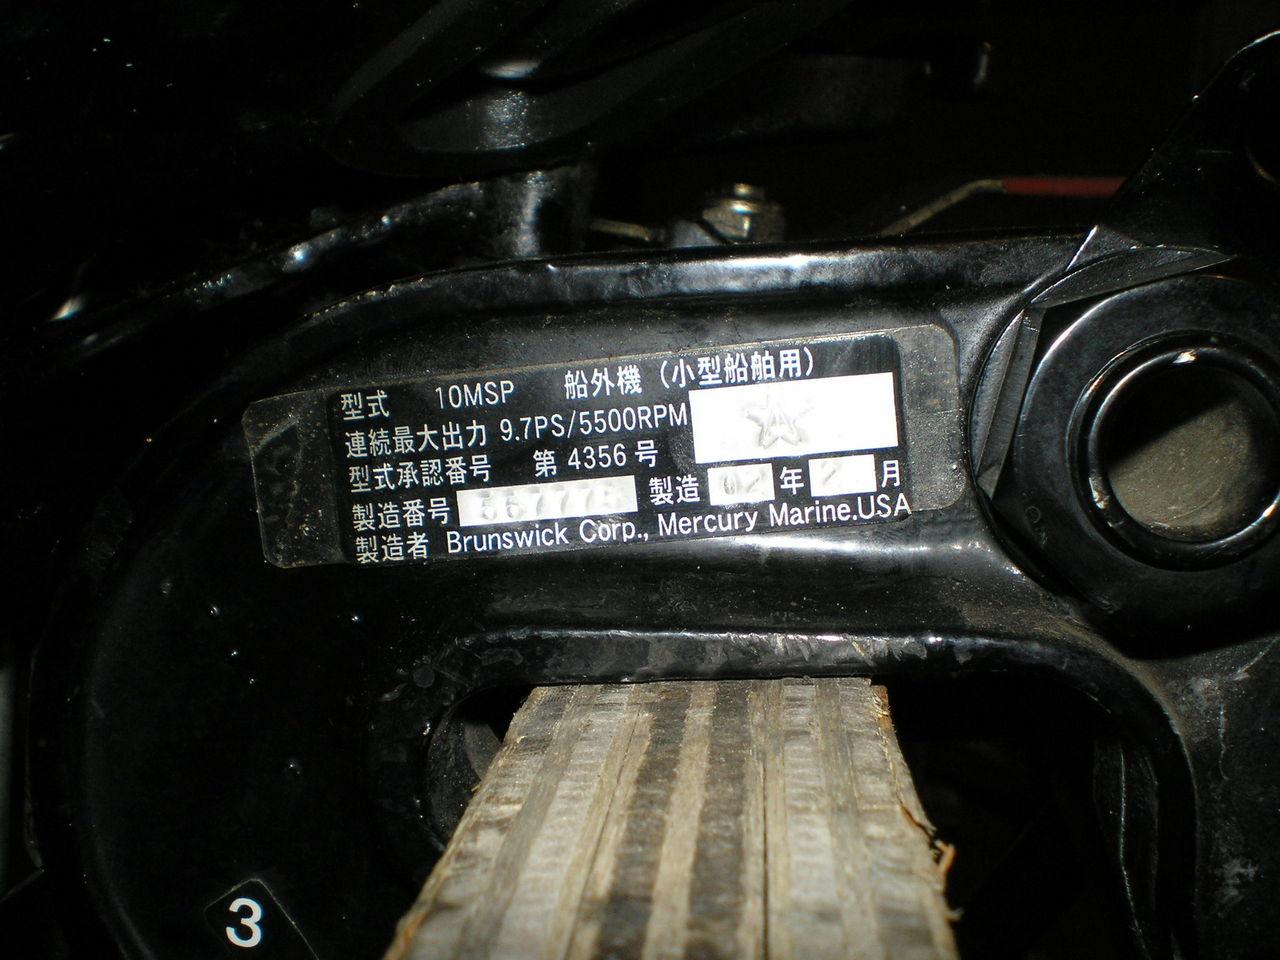 расшифровка шильдика лодочного мотора меркурий